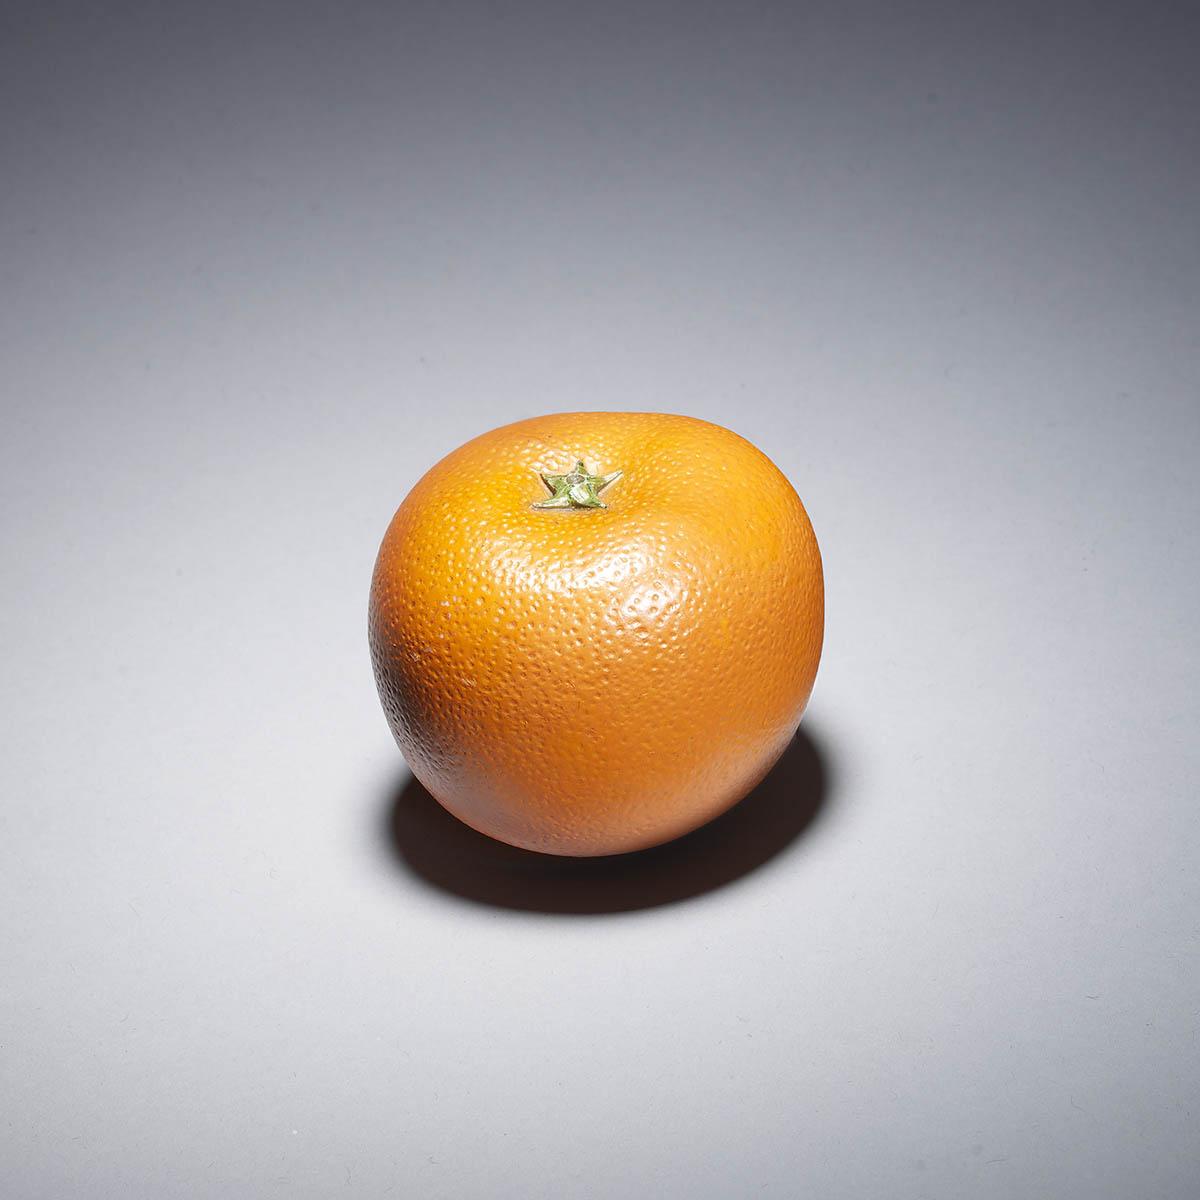 Okimono avorio di un'arancia